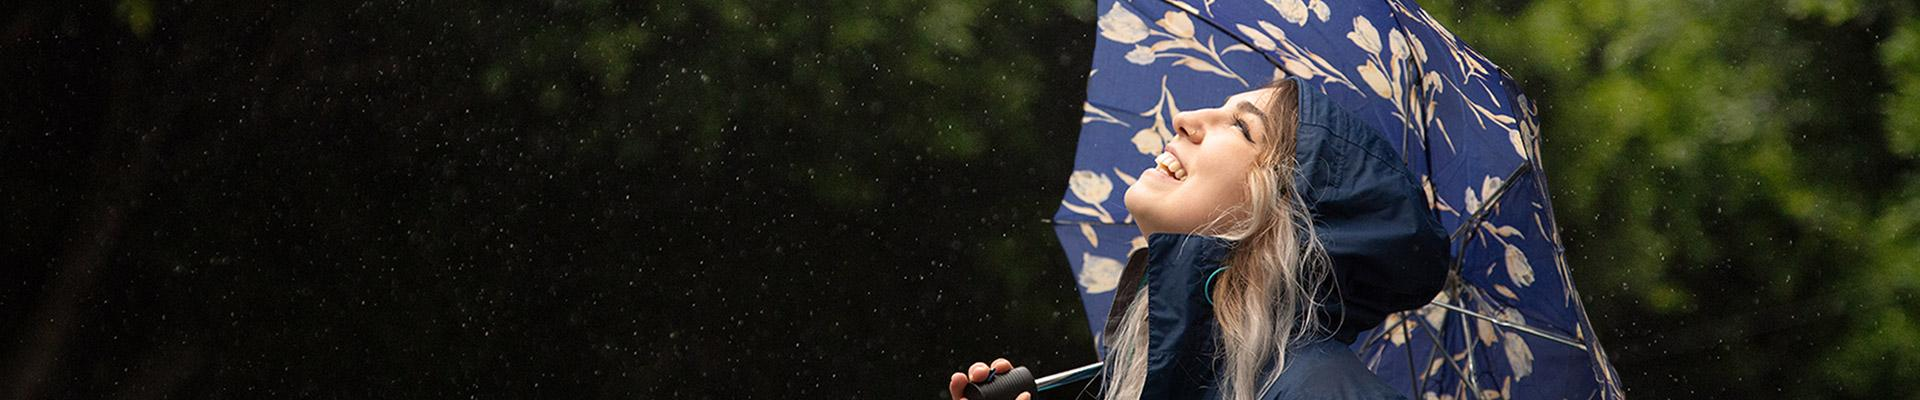 傘在雨中的女人